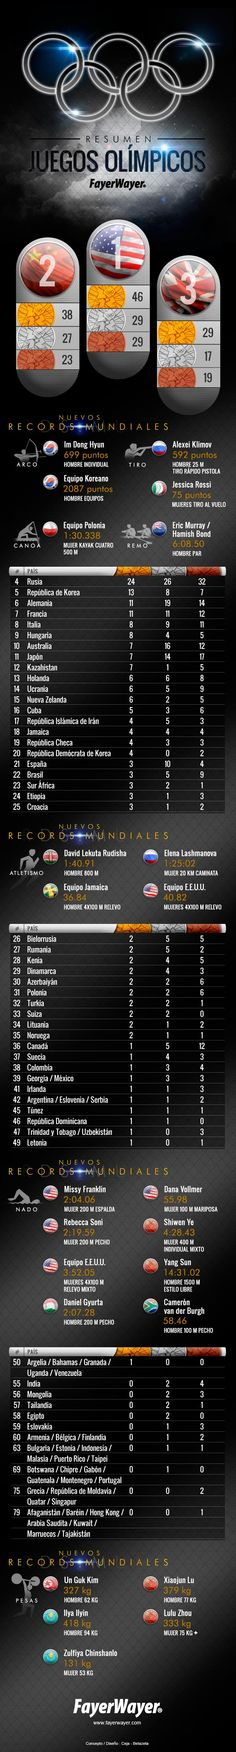 Infografia_Medallas_Juegos-Olimpicos (1)